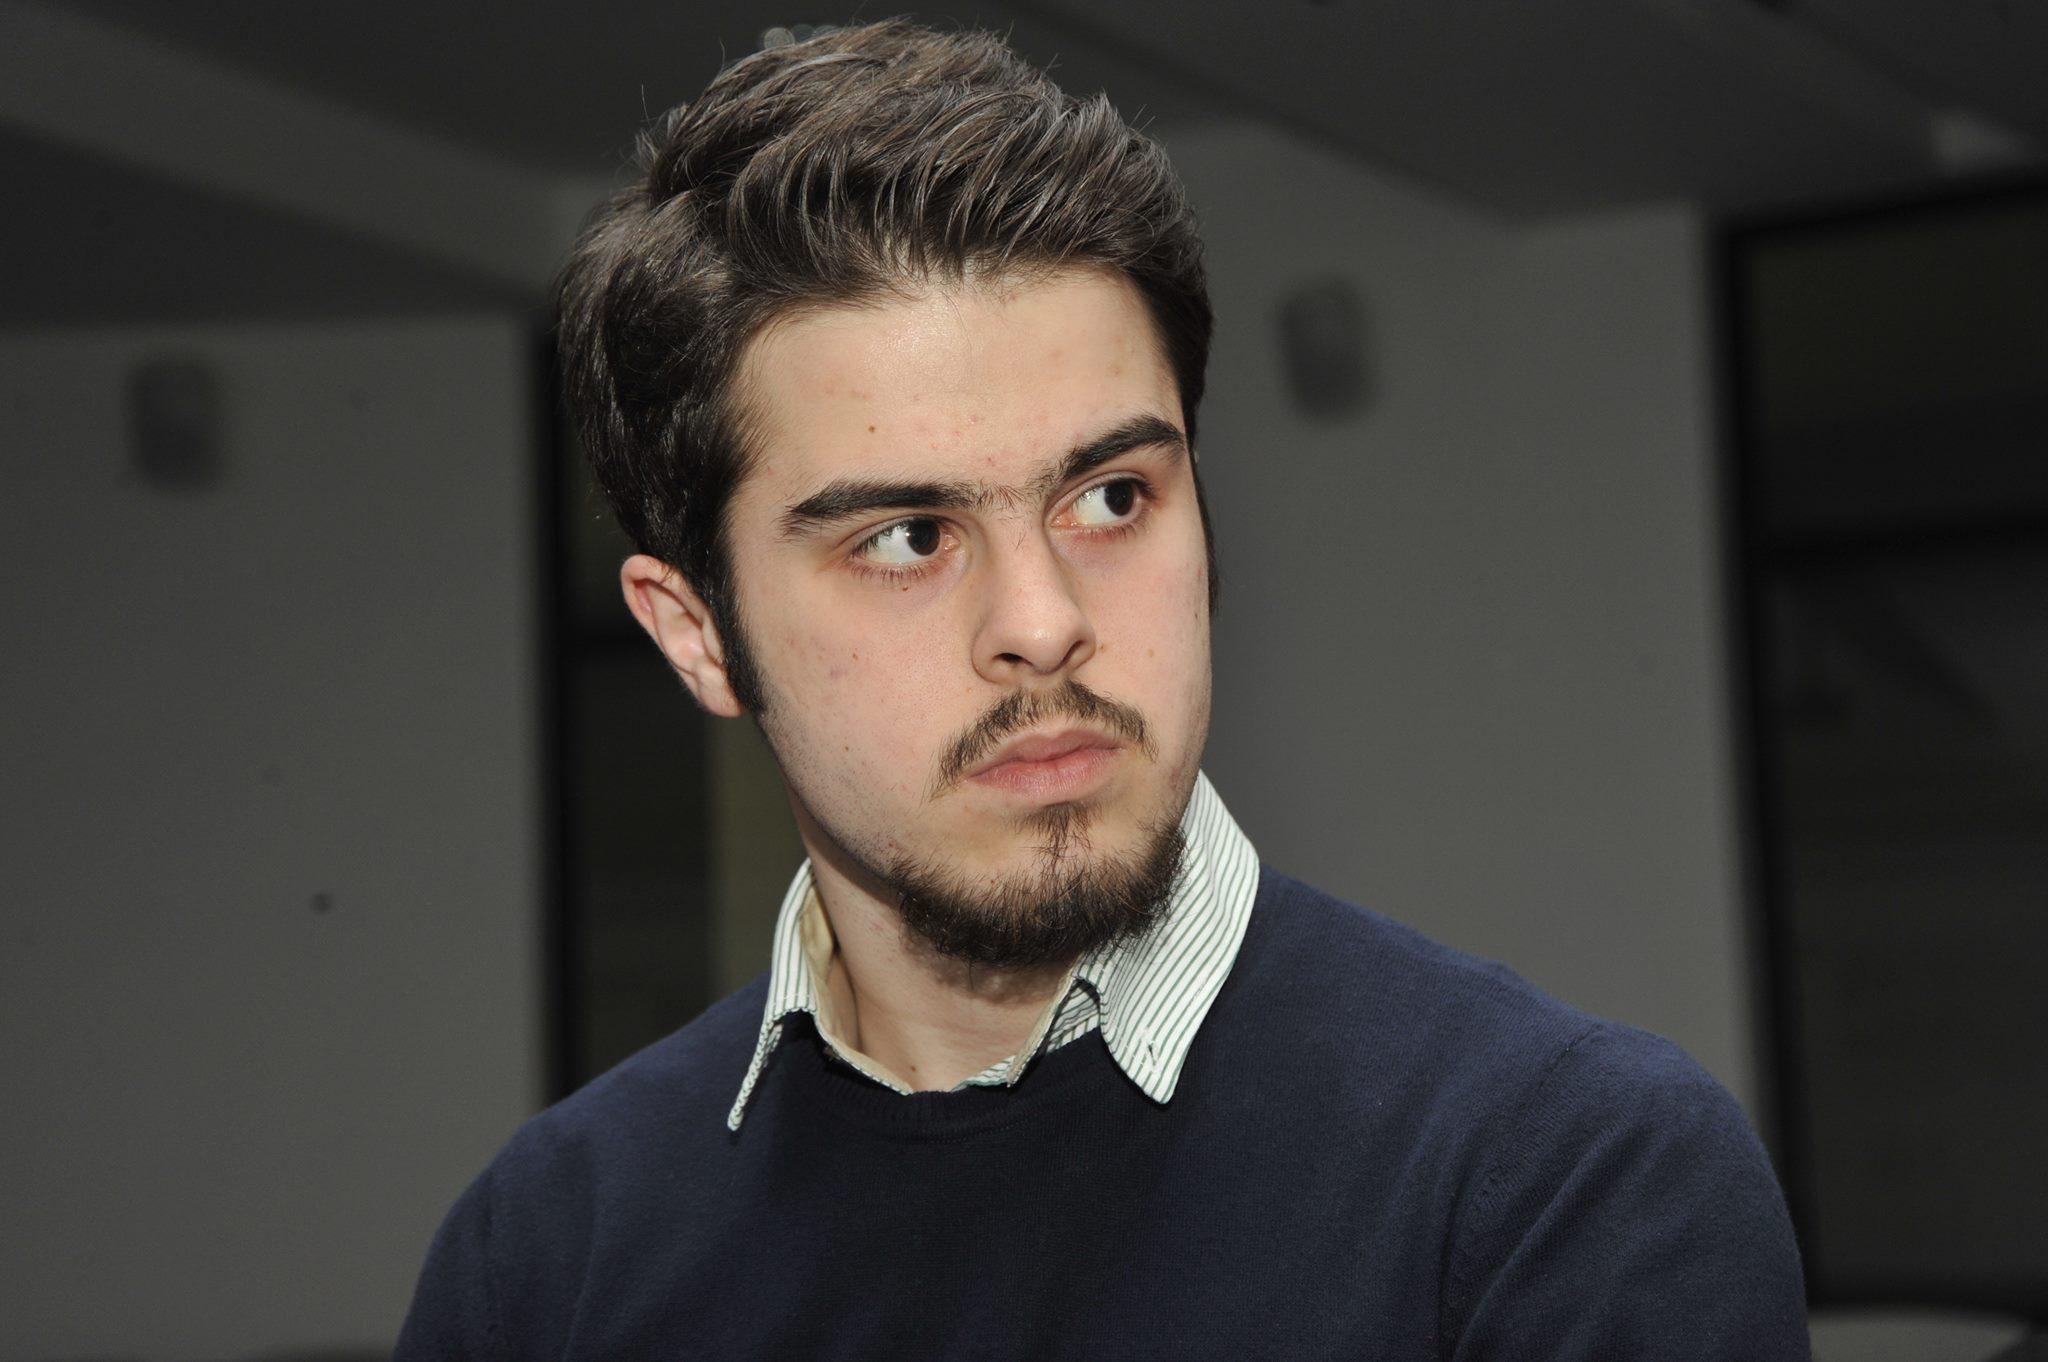 Tarik Zulfikarpašić